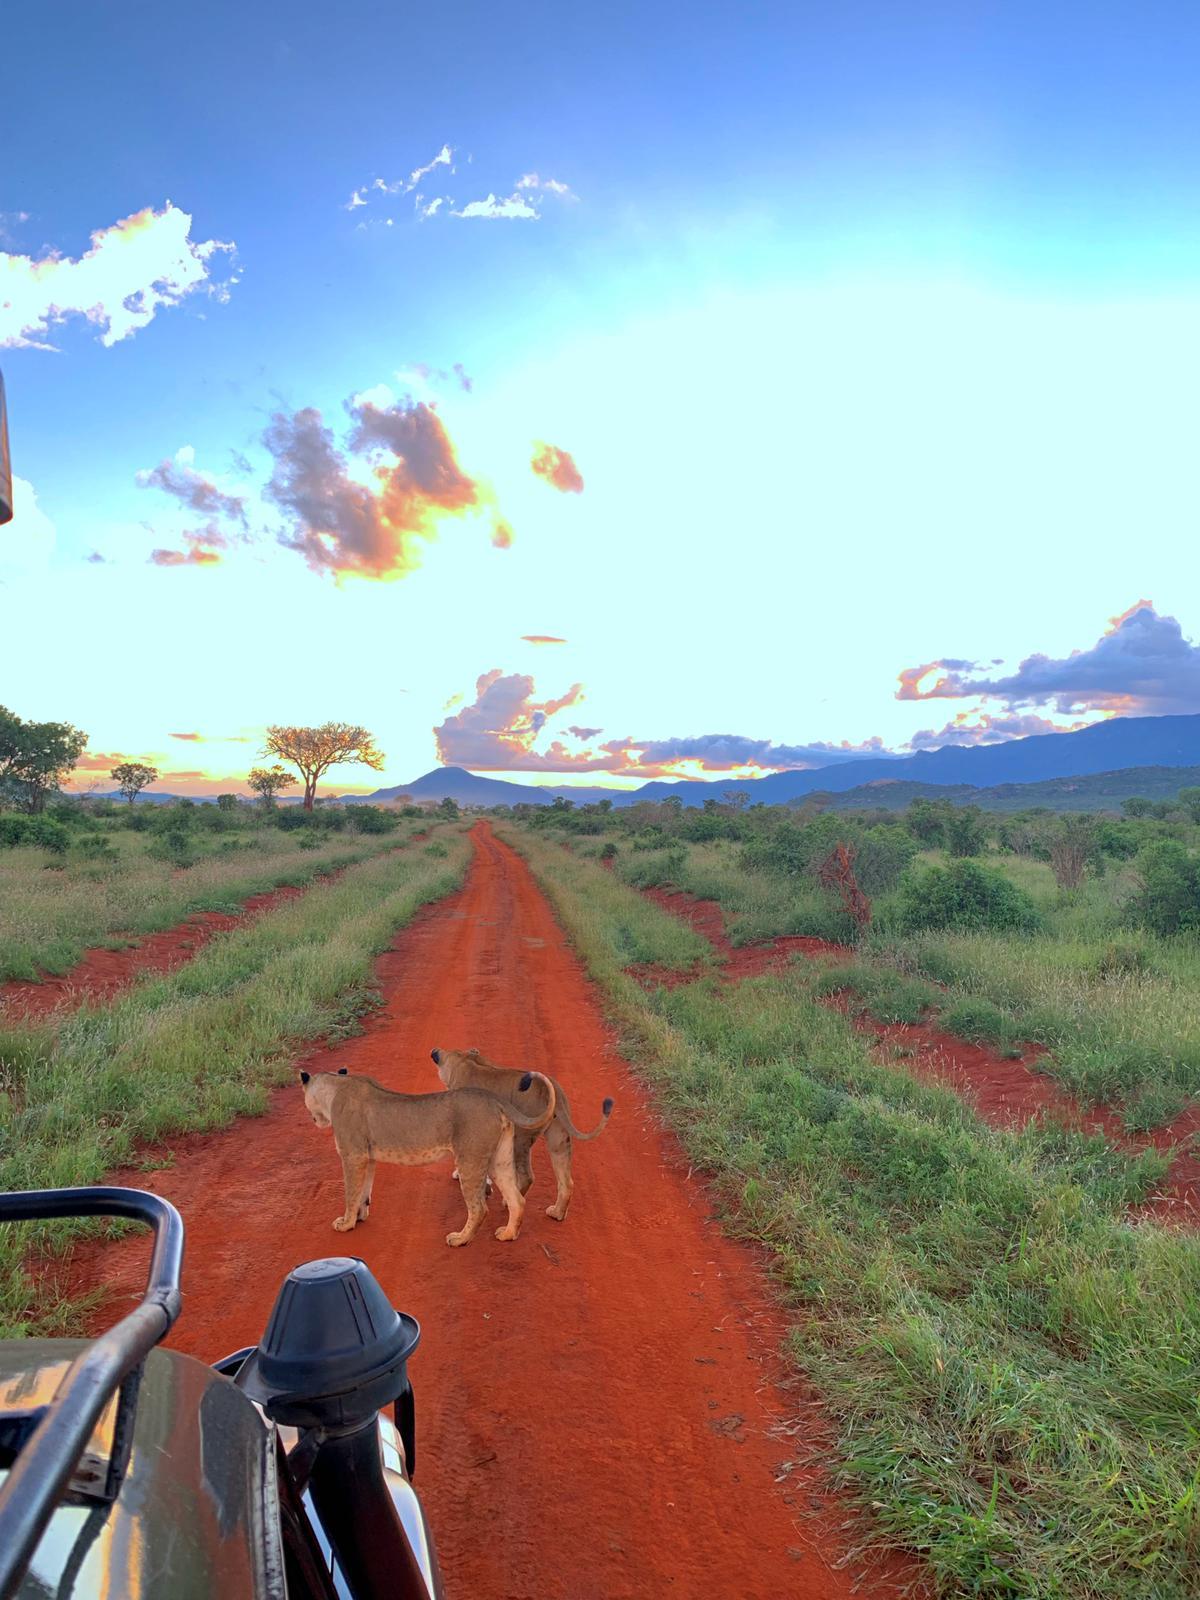 WhatsApp Image 2019 12 16 at 13.45.30 - Safari Samburu . Olpejeta . Lago Nakuru . Lago Bogoria . Lago Naivasha . Masai Mara . Nairobi . Amboseli . Tsavo Ovest . Taita Hills . Tsavo Est